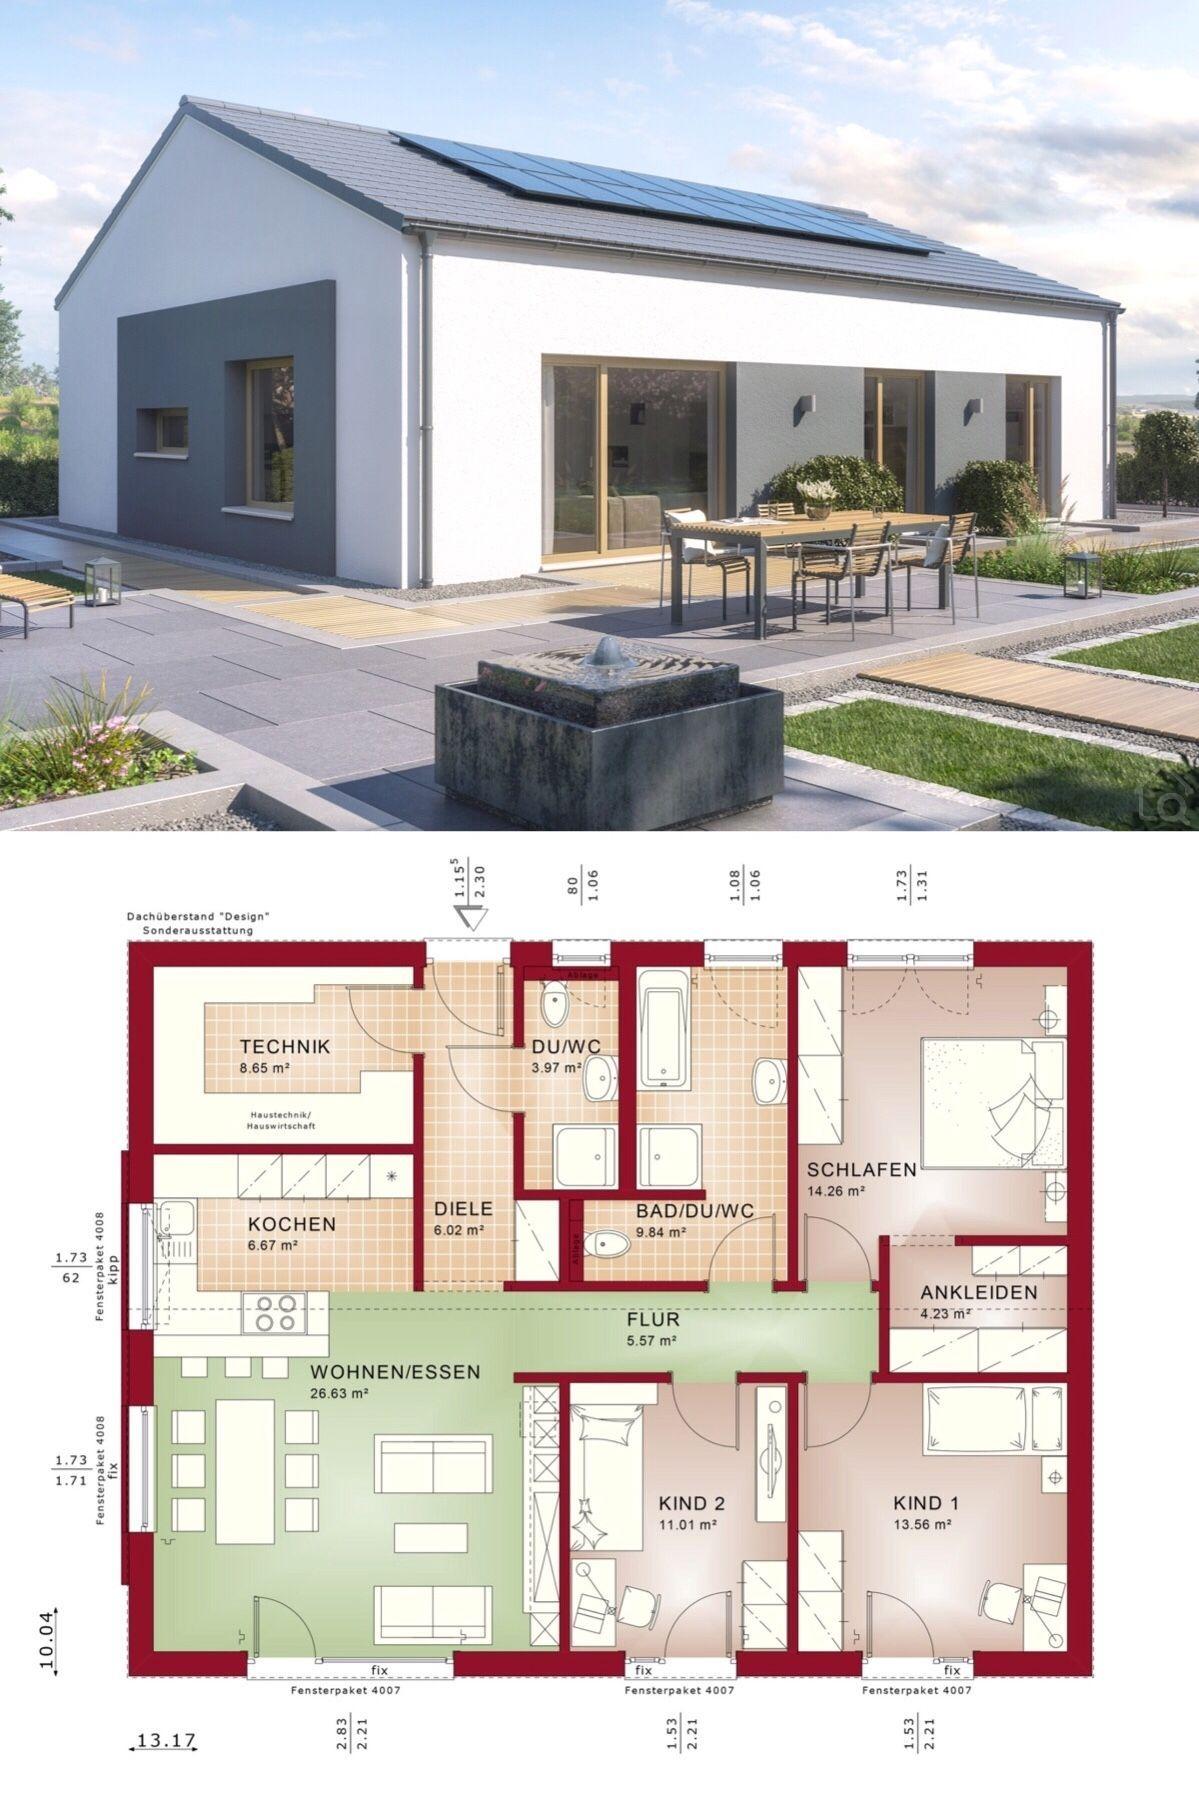 Bungalow Haus modern mit Satteldach Architektur & 4 Zimmer